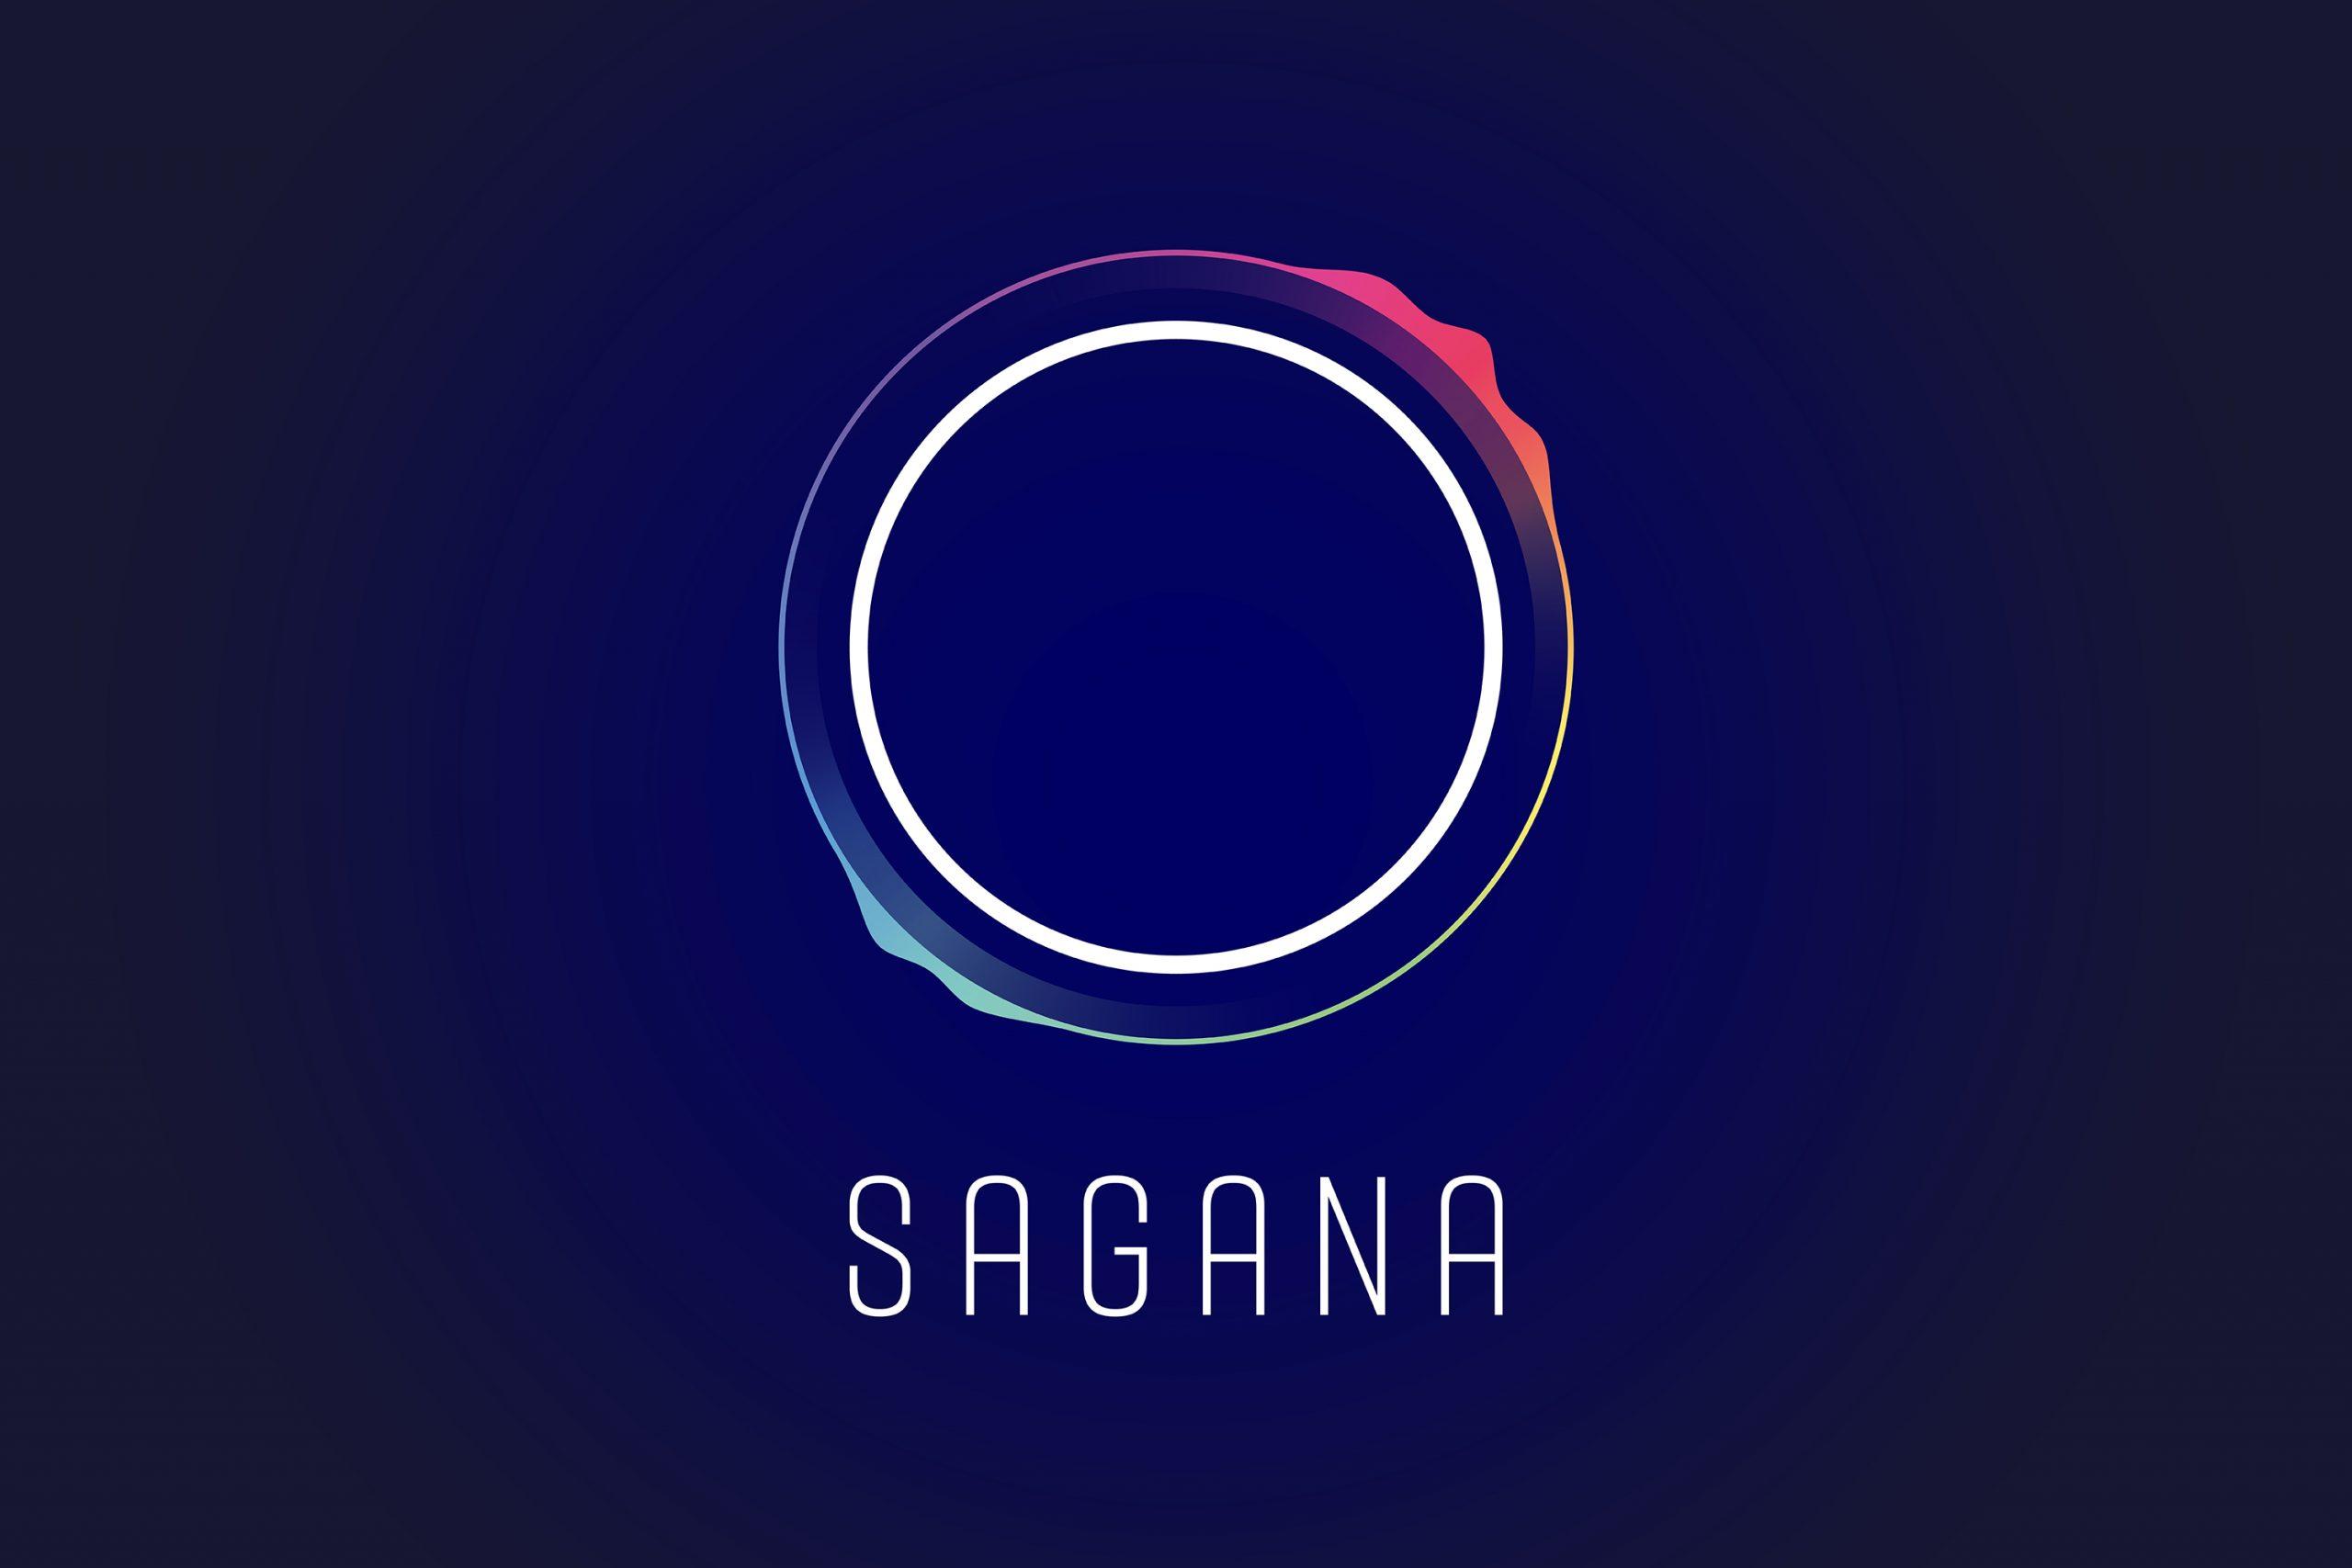 Das Bild zeigt das neue Logo von SAGANA, einer Impact Investment Beratung. Das Logo besteht aus einem weißen Kreis, der für die Erde steht. Das Design kommt von MAJORMAJOR aus Stuttgart.